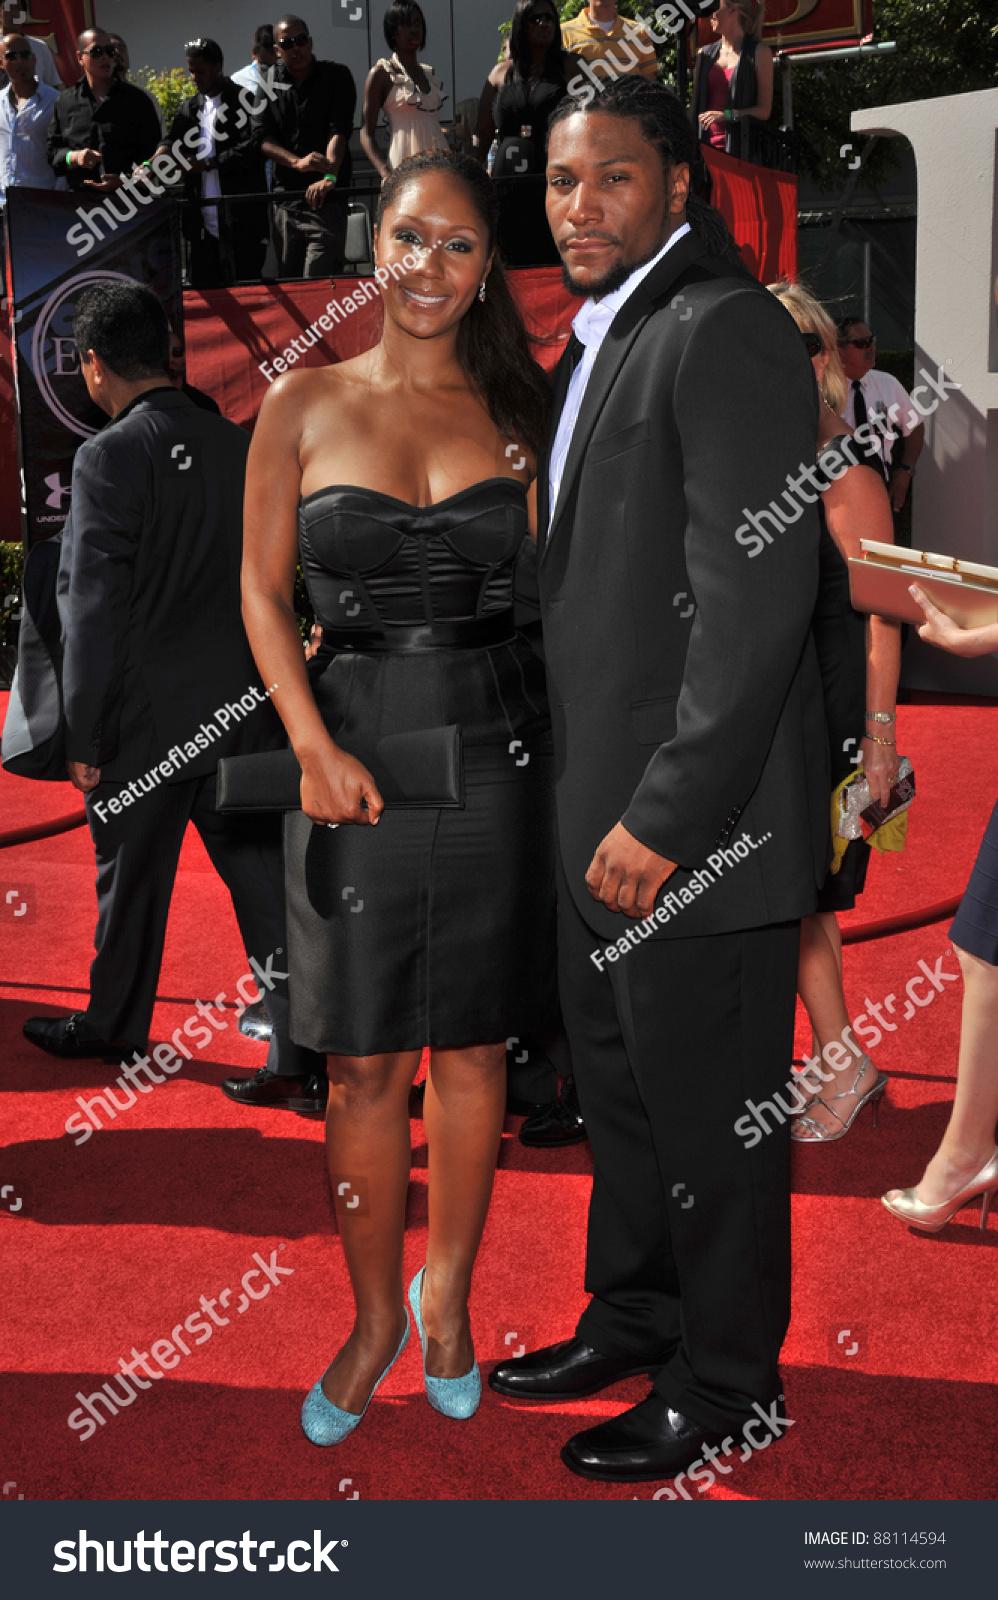 Aisha morris daughter of stevie wonder at the 2009 espy awards at